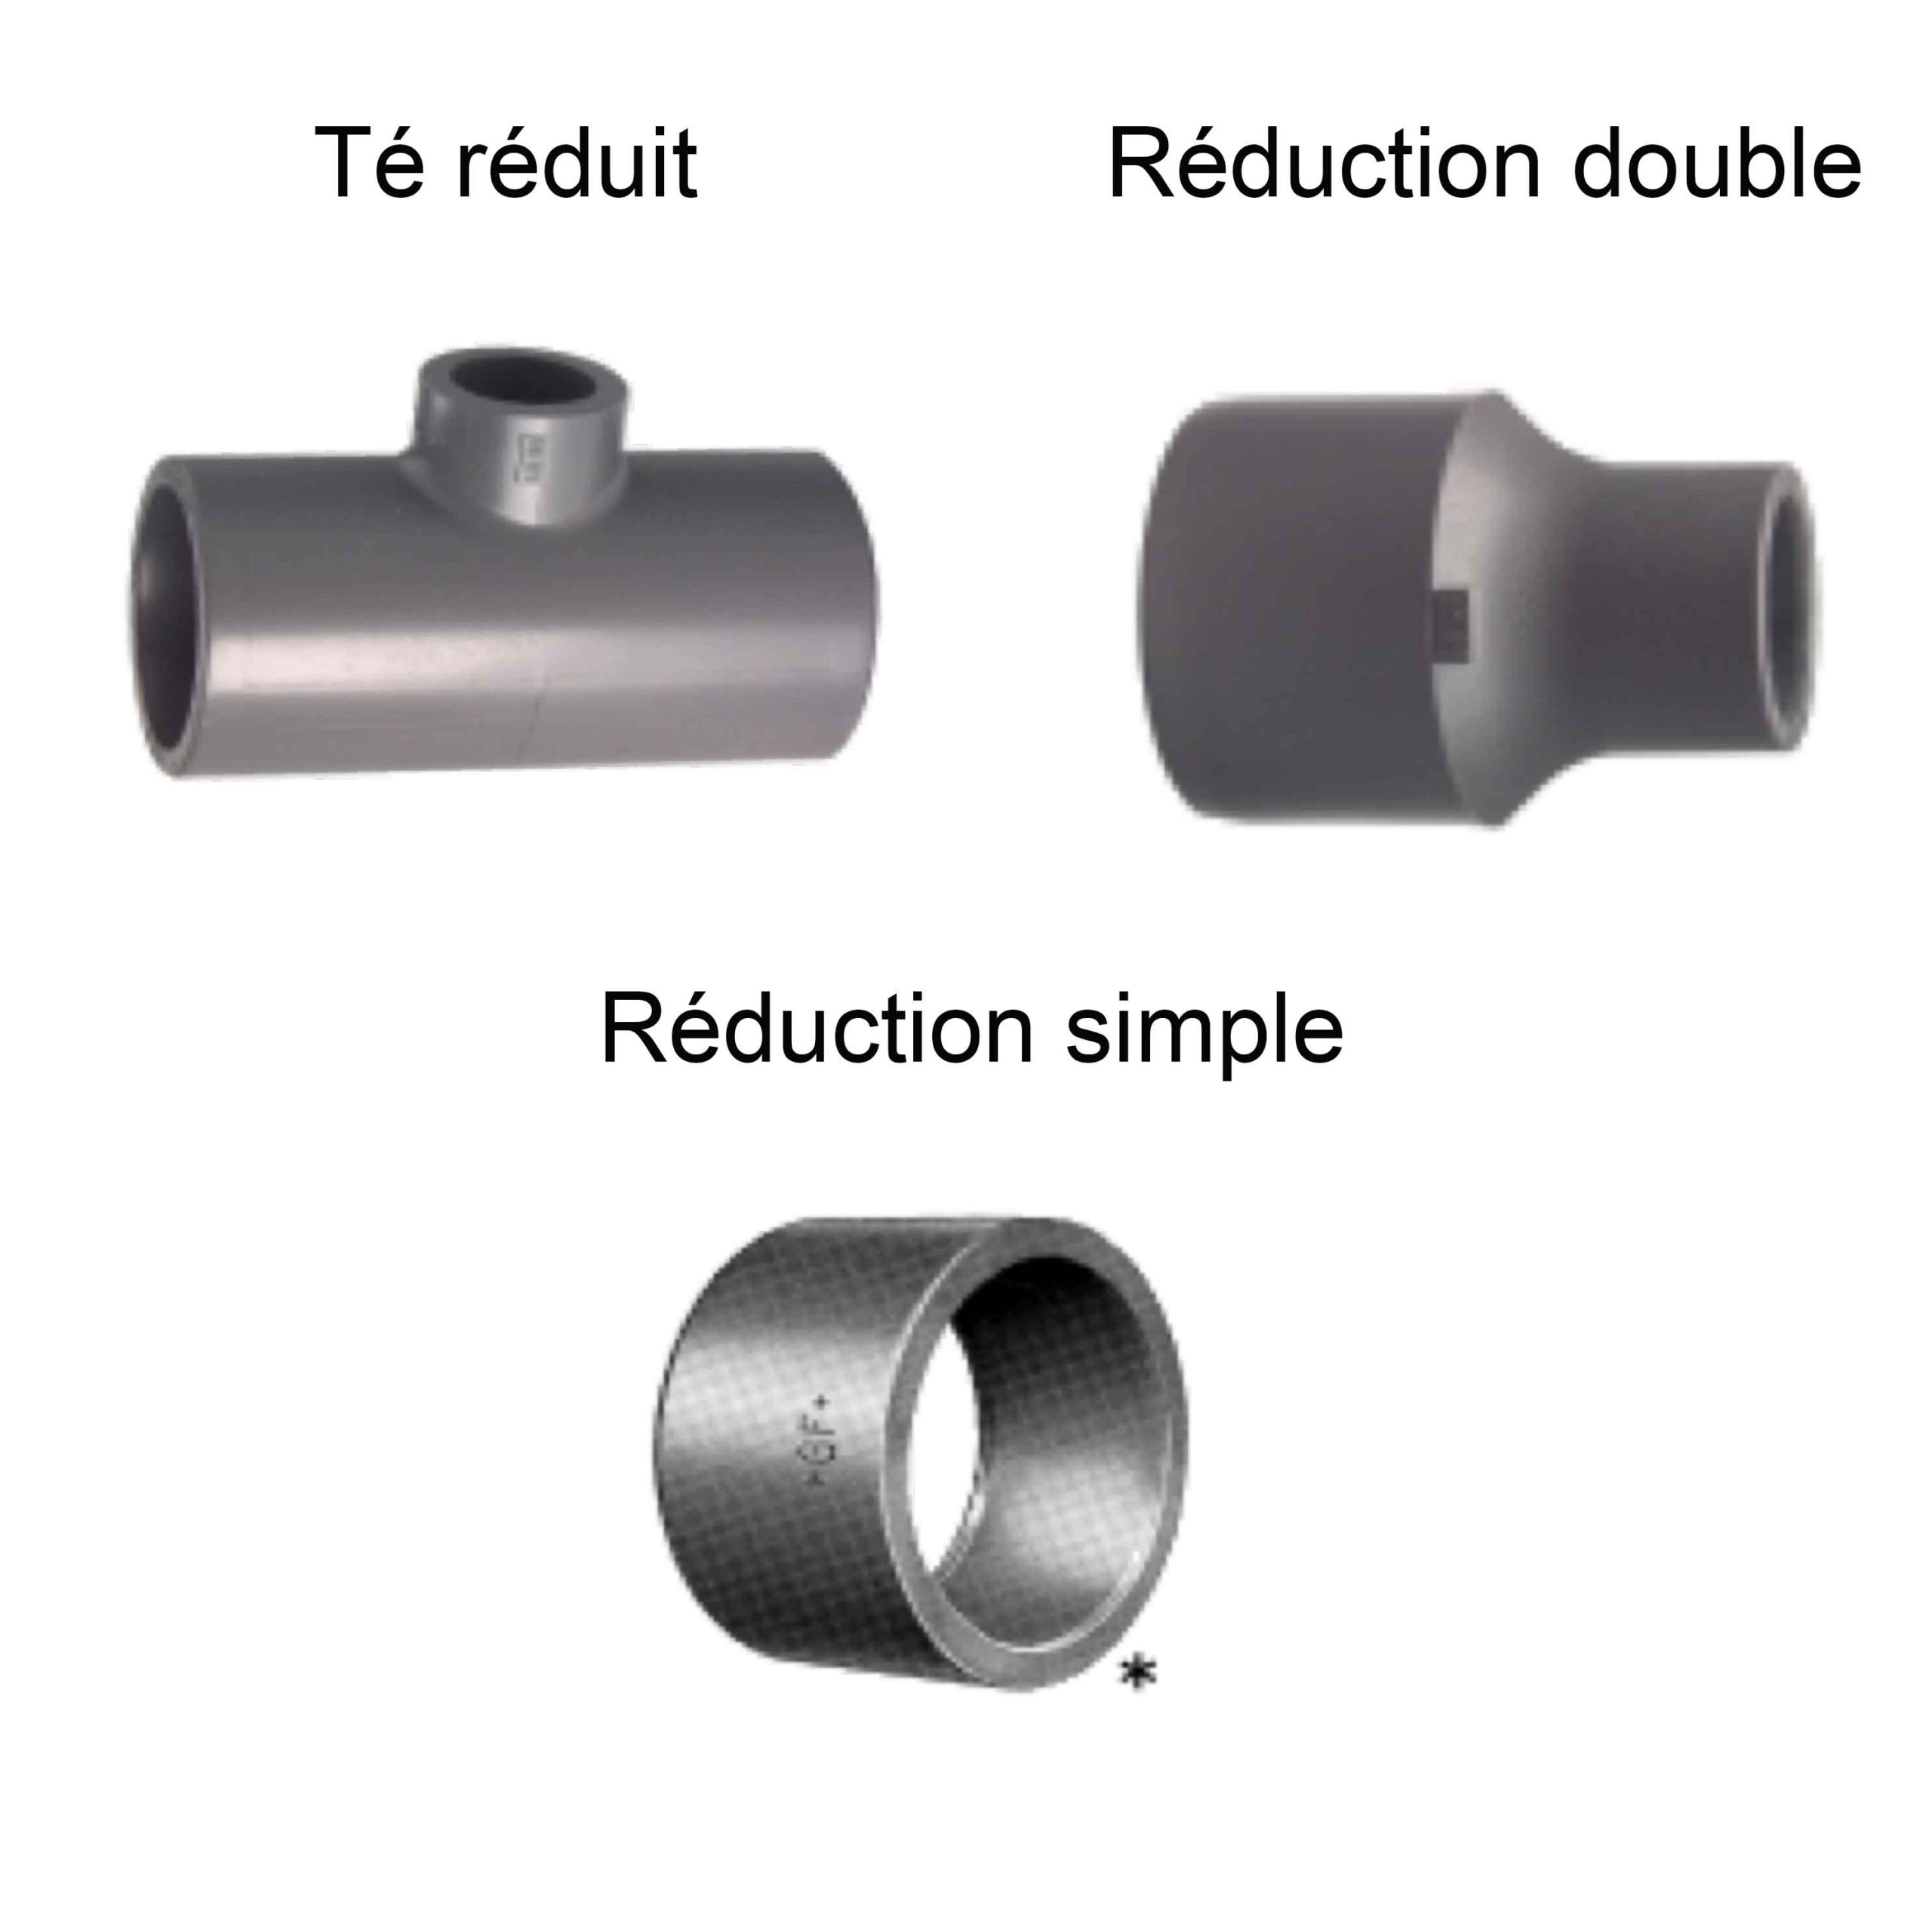 TE_REDUIT_REDUCTION_DOUBLE_REDUCTION_SIMPLE_RACCORDS_PVC_PRESSION_GRIS_FONCE_A_COLLER_REF_5825_BSB_CAOUTCHOUCS_PLASTIQUES